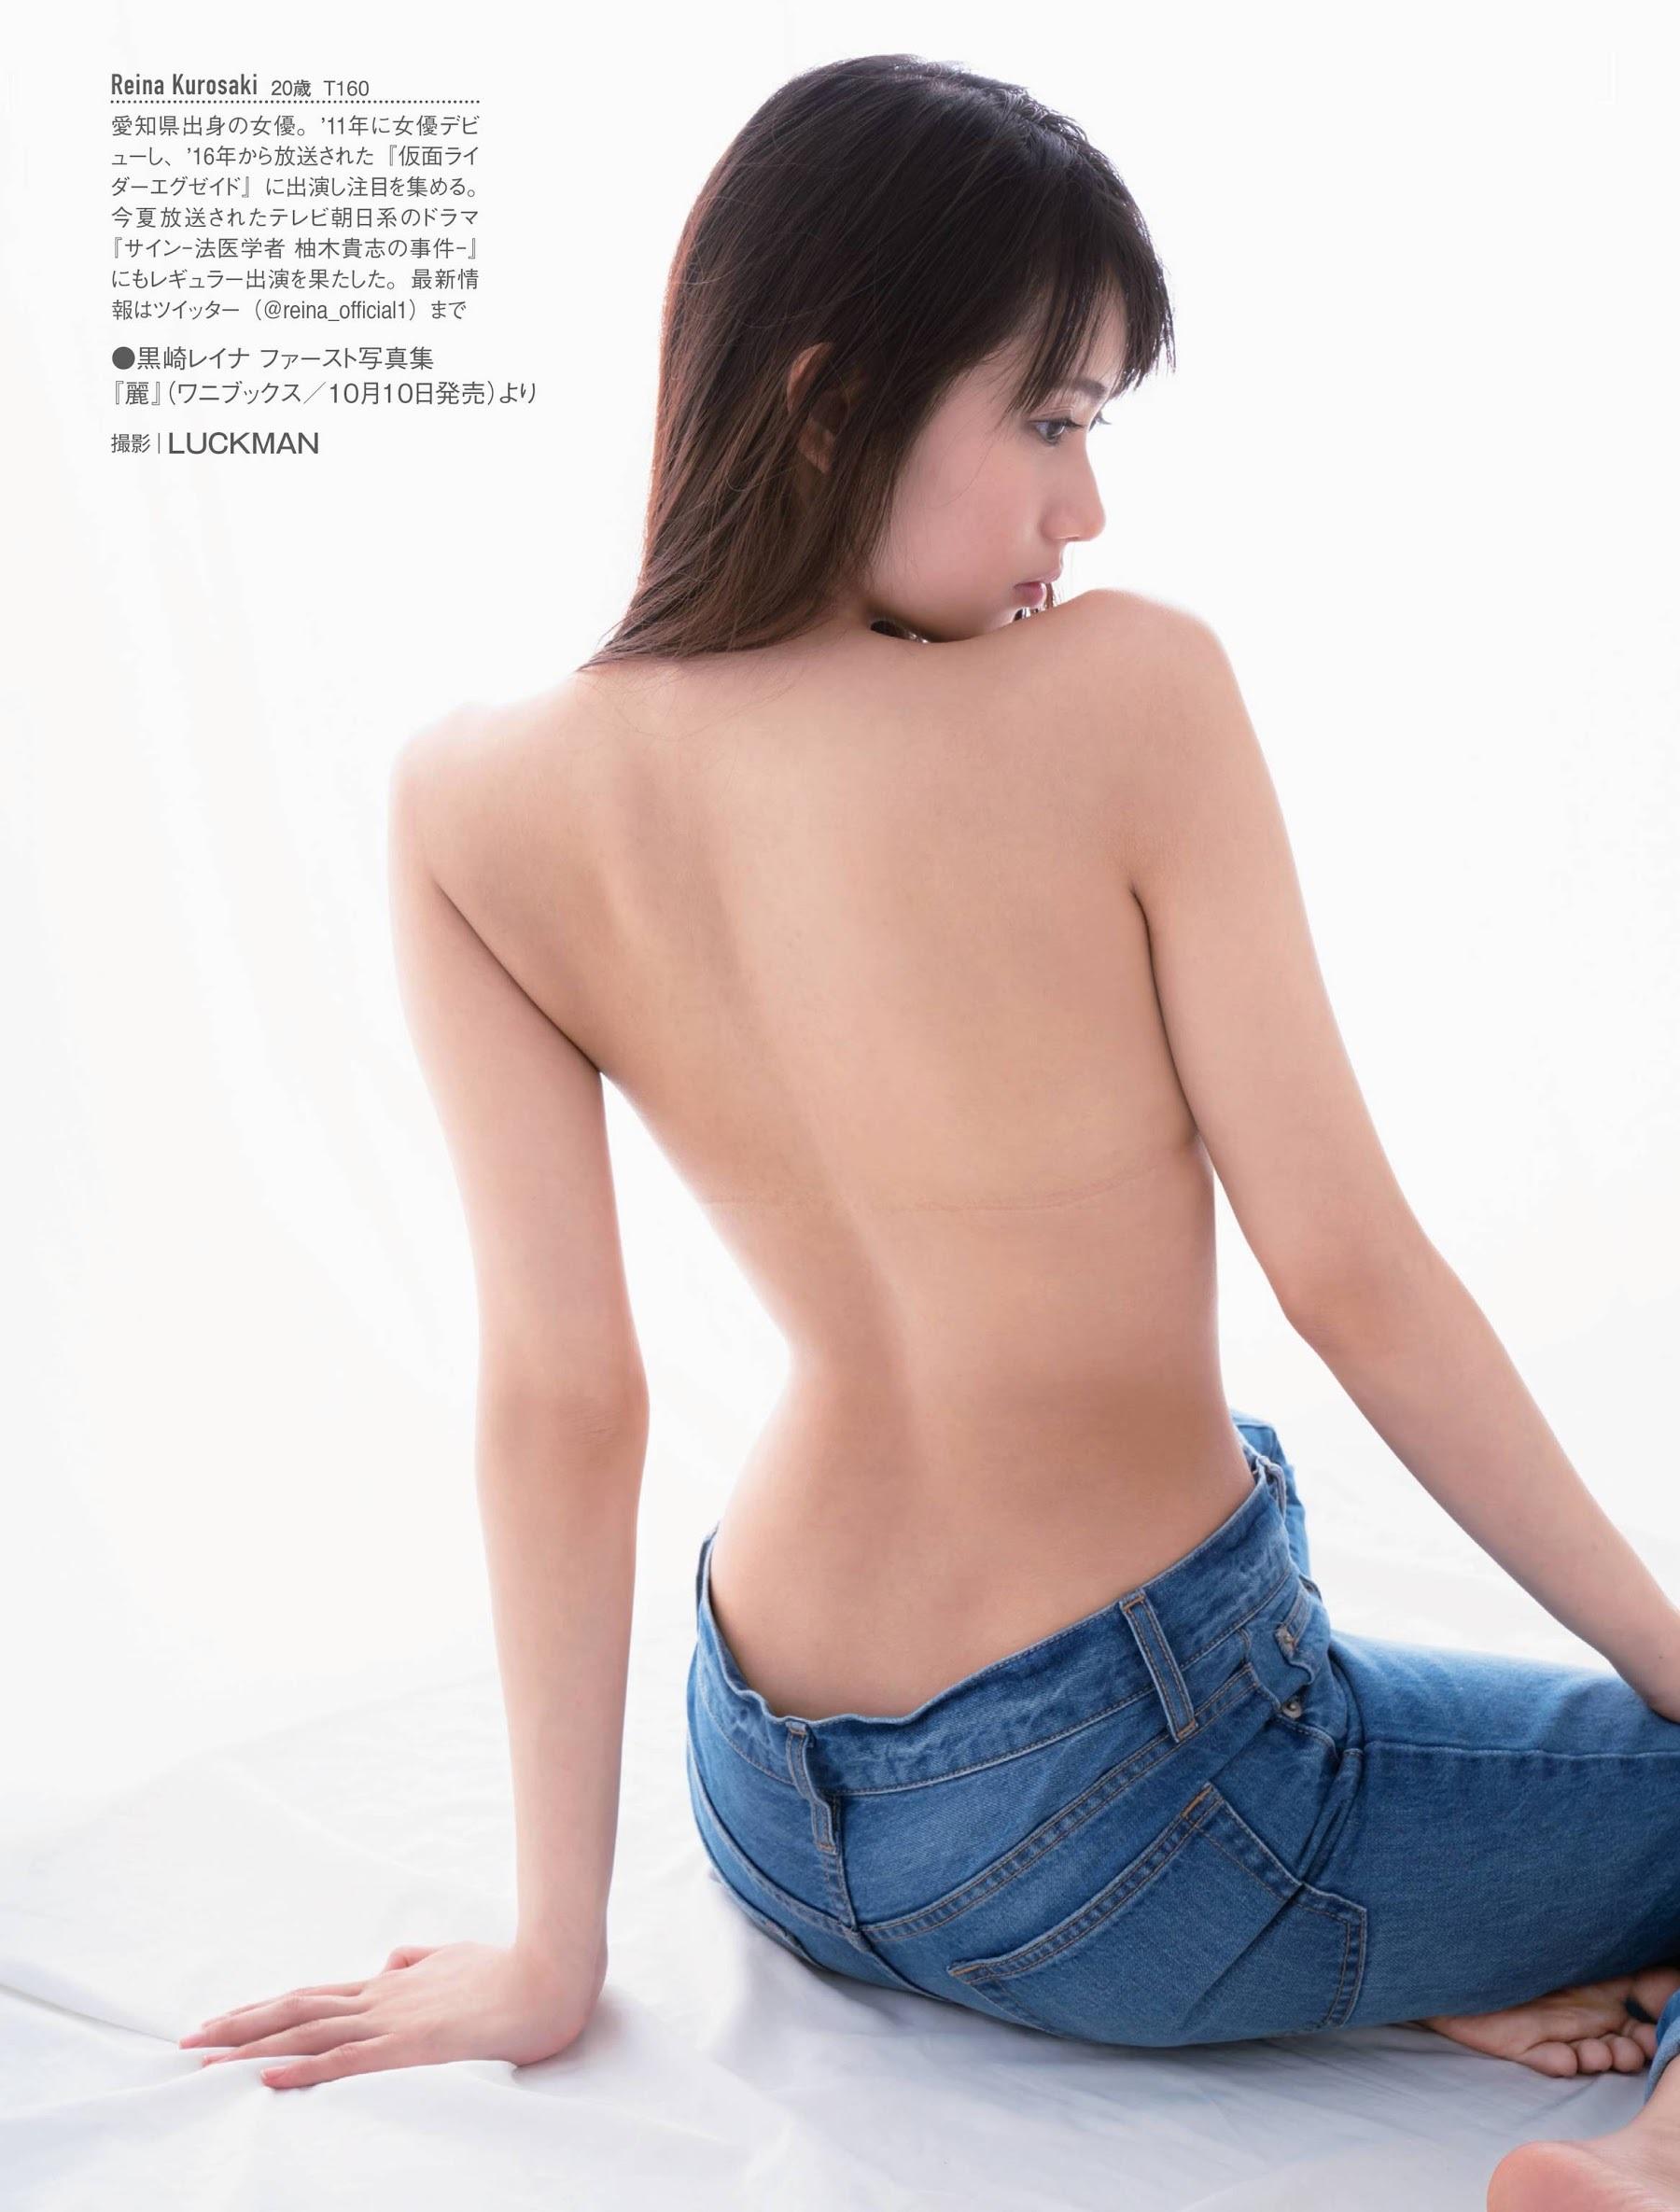 黒崎レイナ16